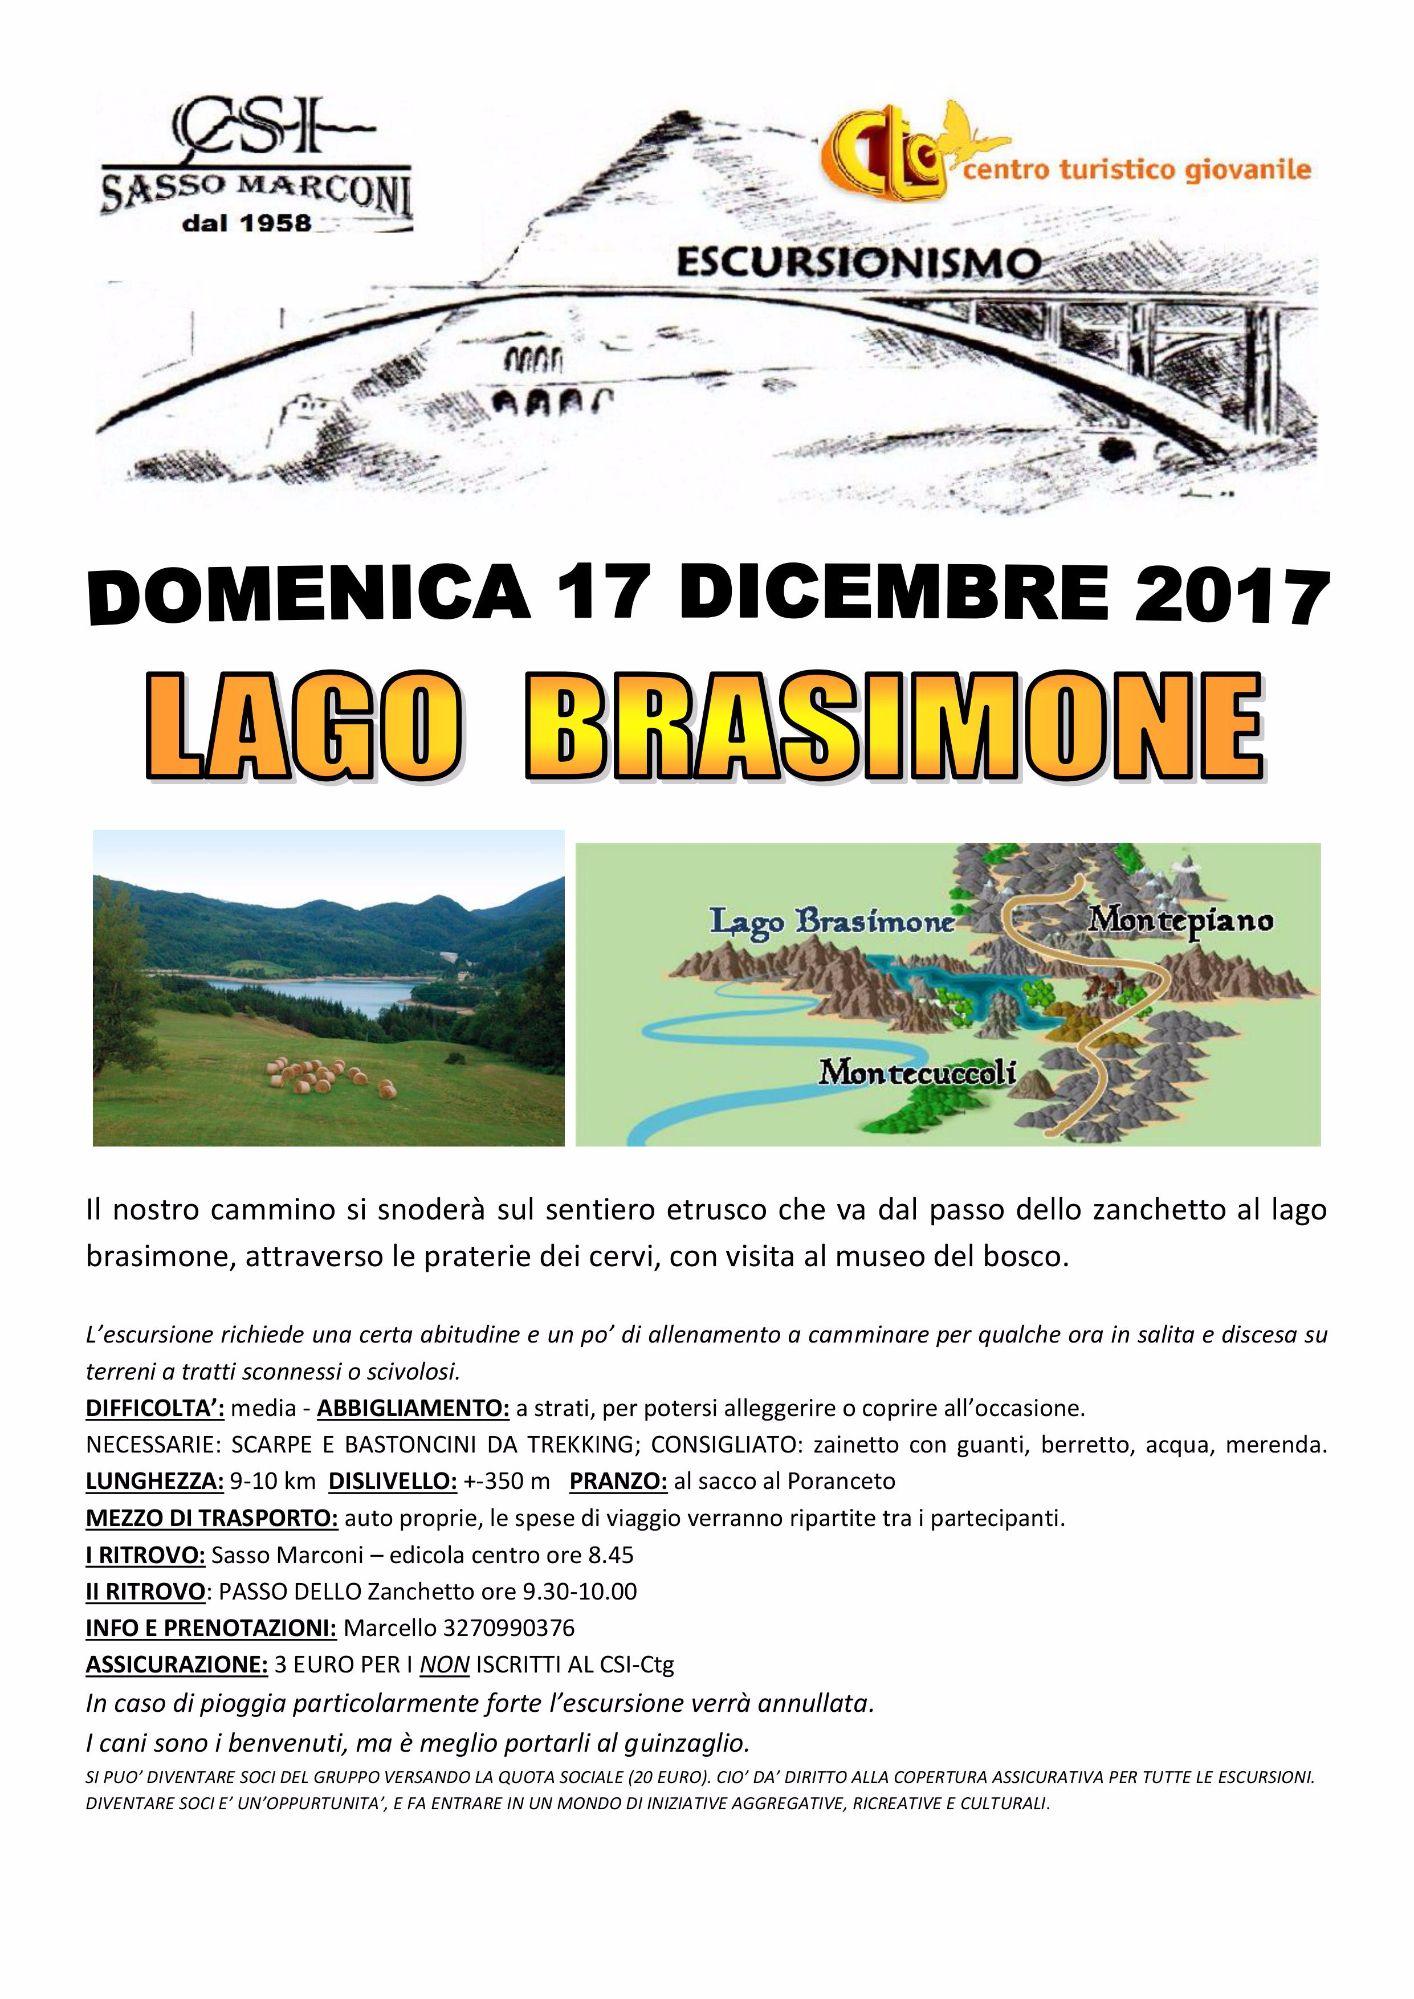 Escursione Lago Brasimone